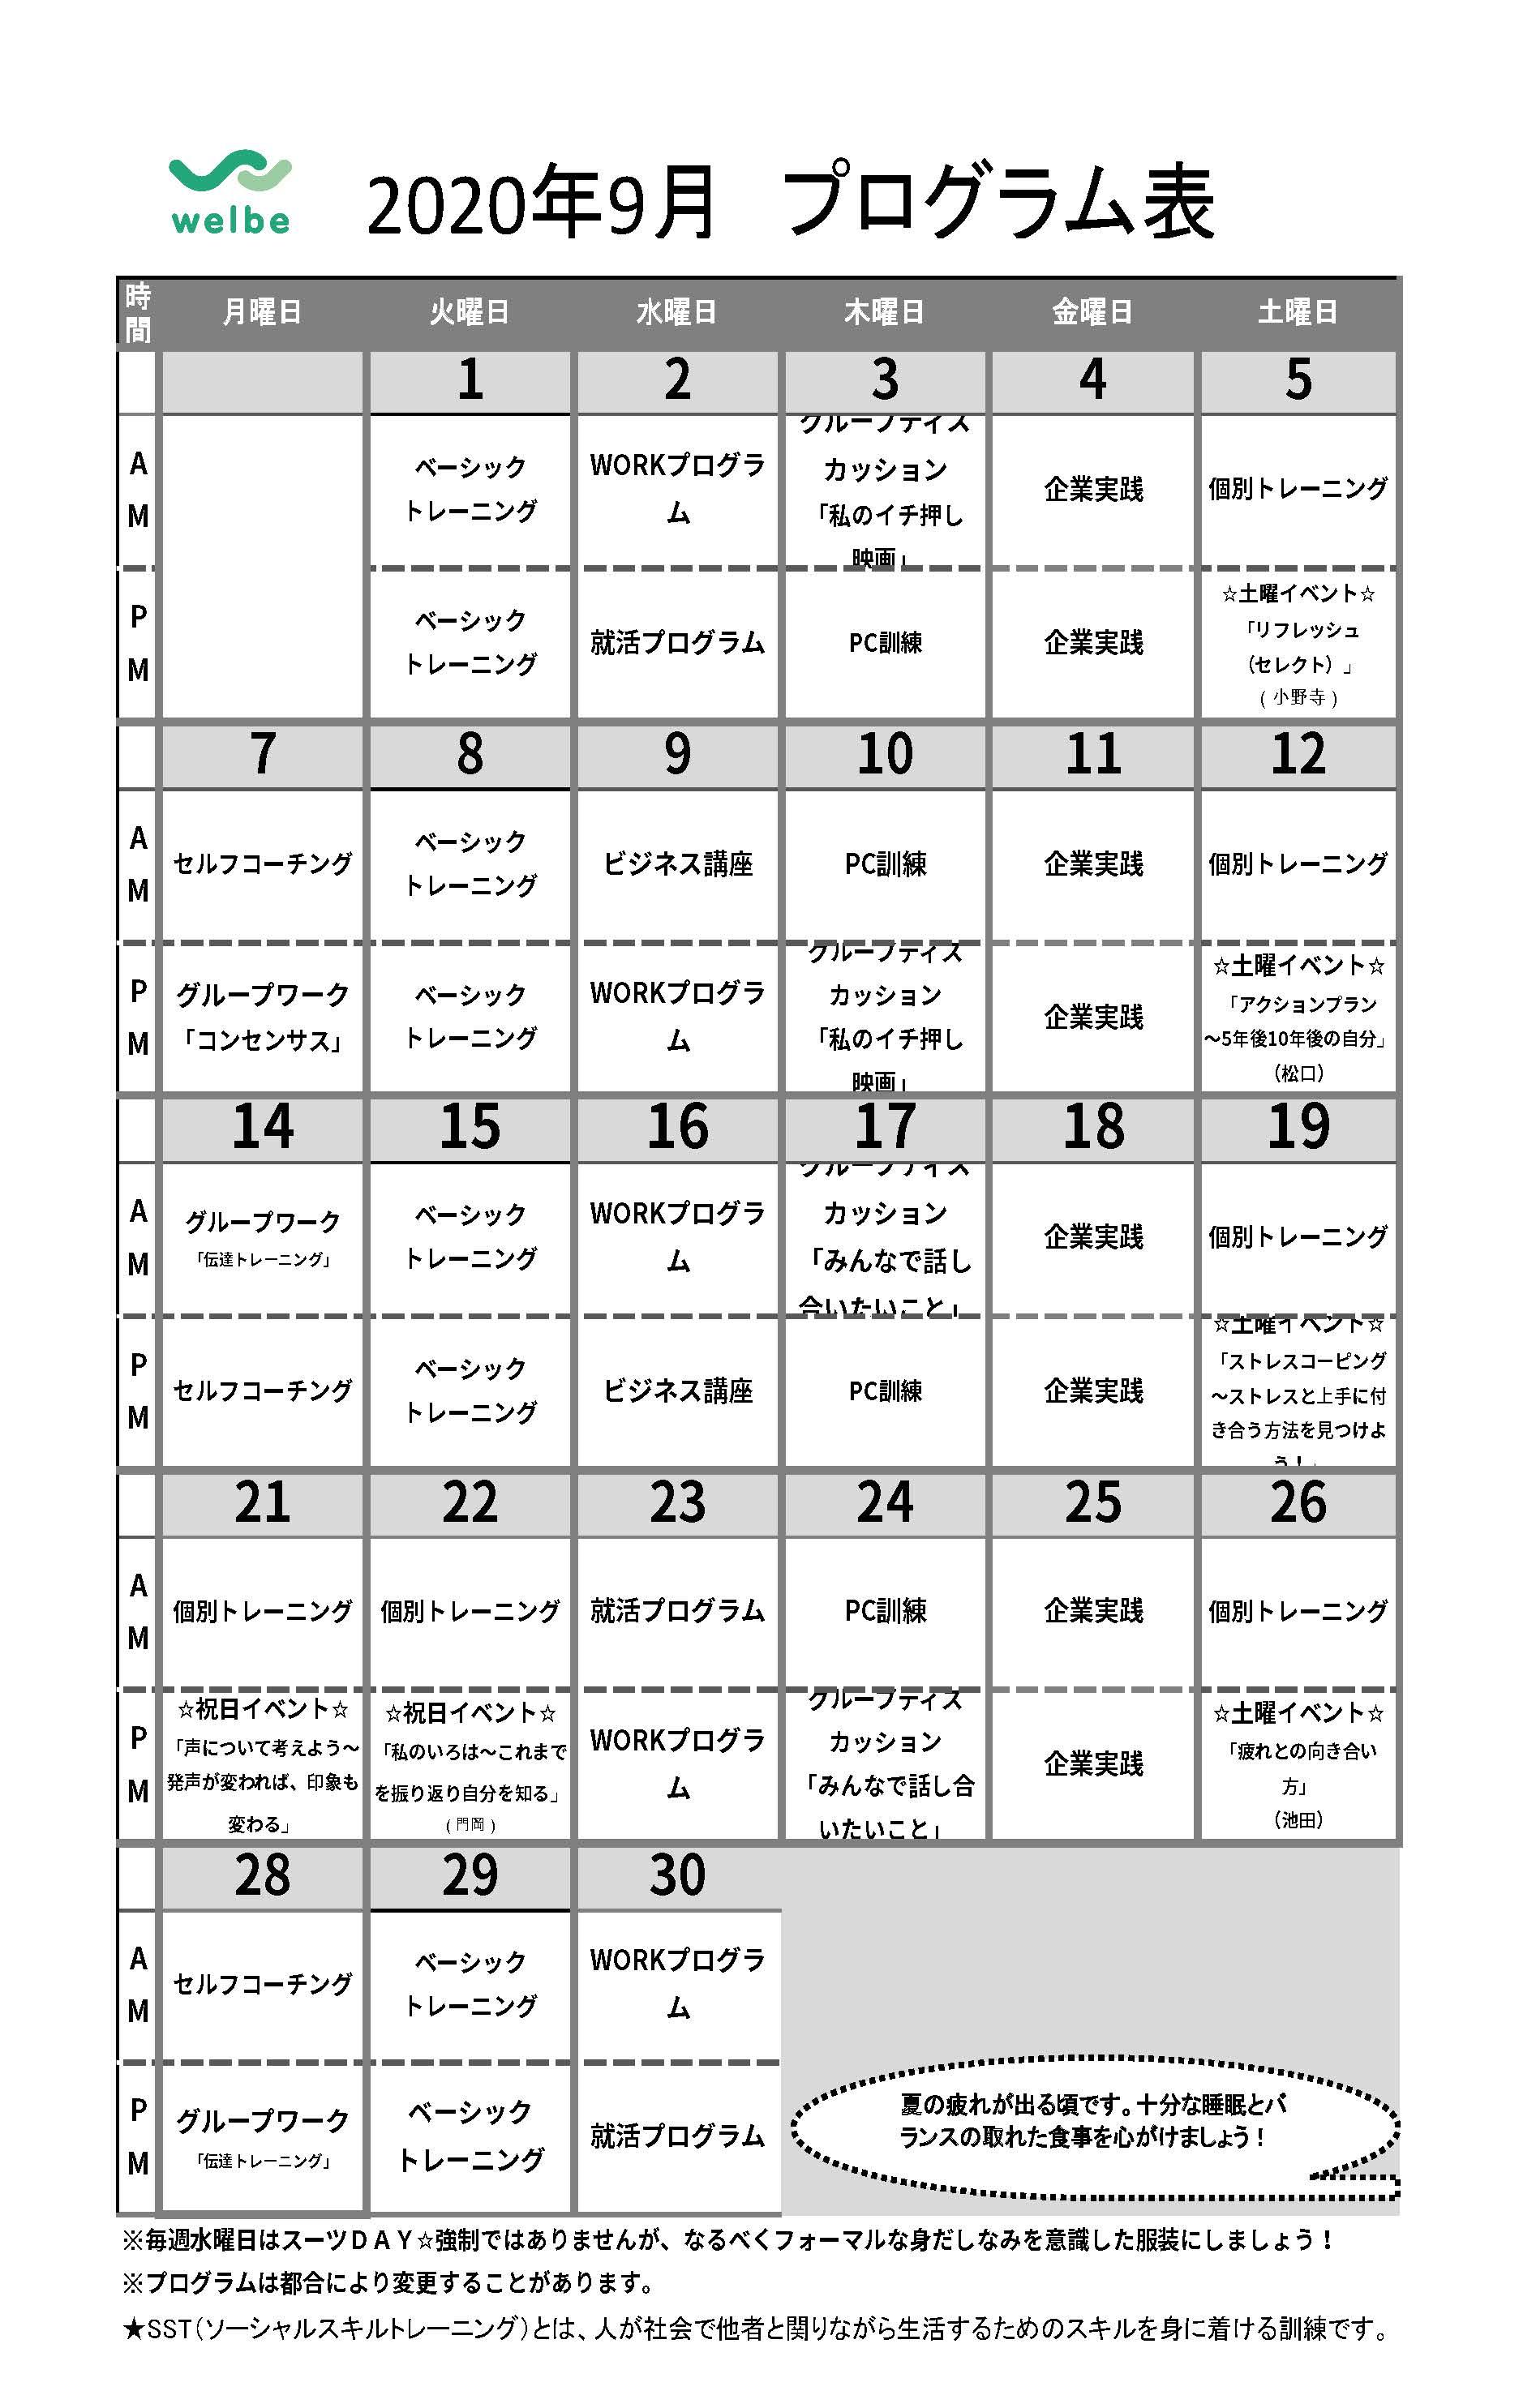 2020年9月プログラム表-0910